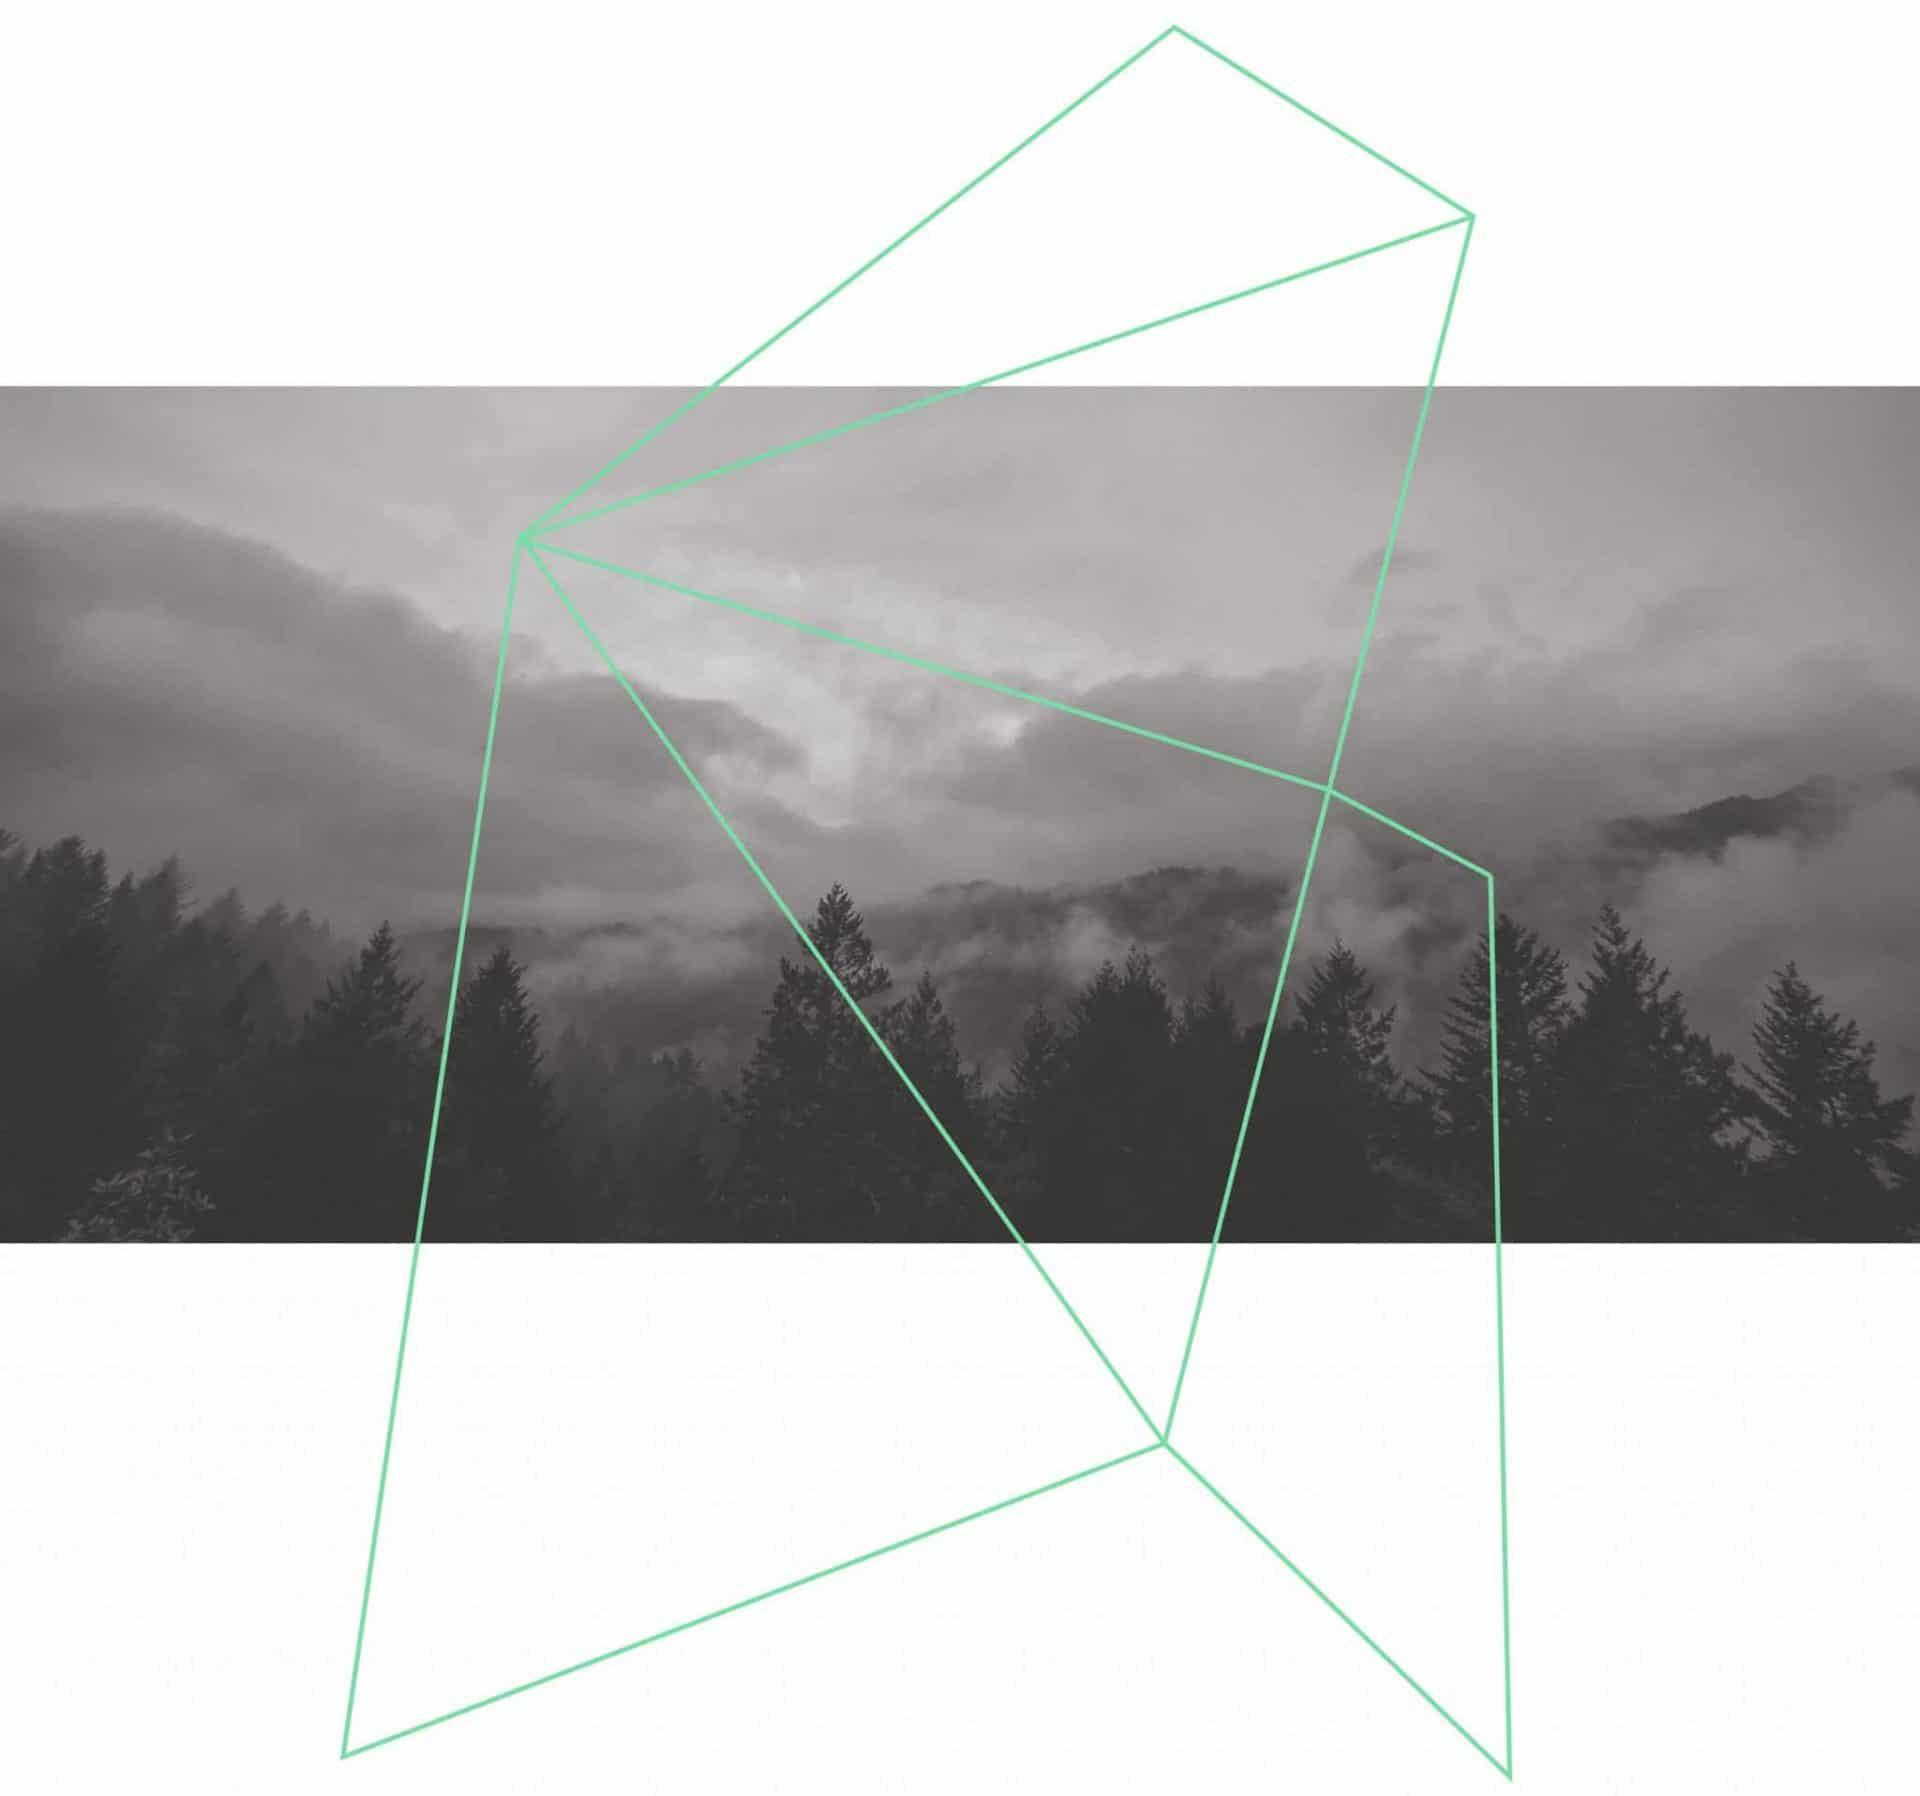 Inspiración de diseños en naturaleza y geometría